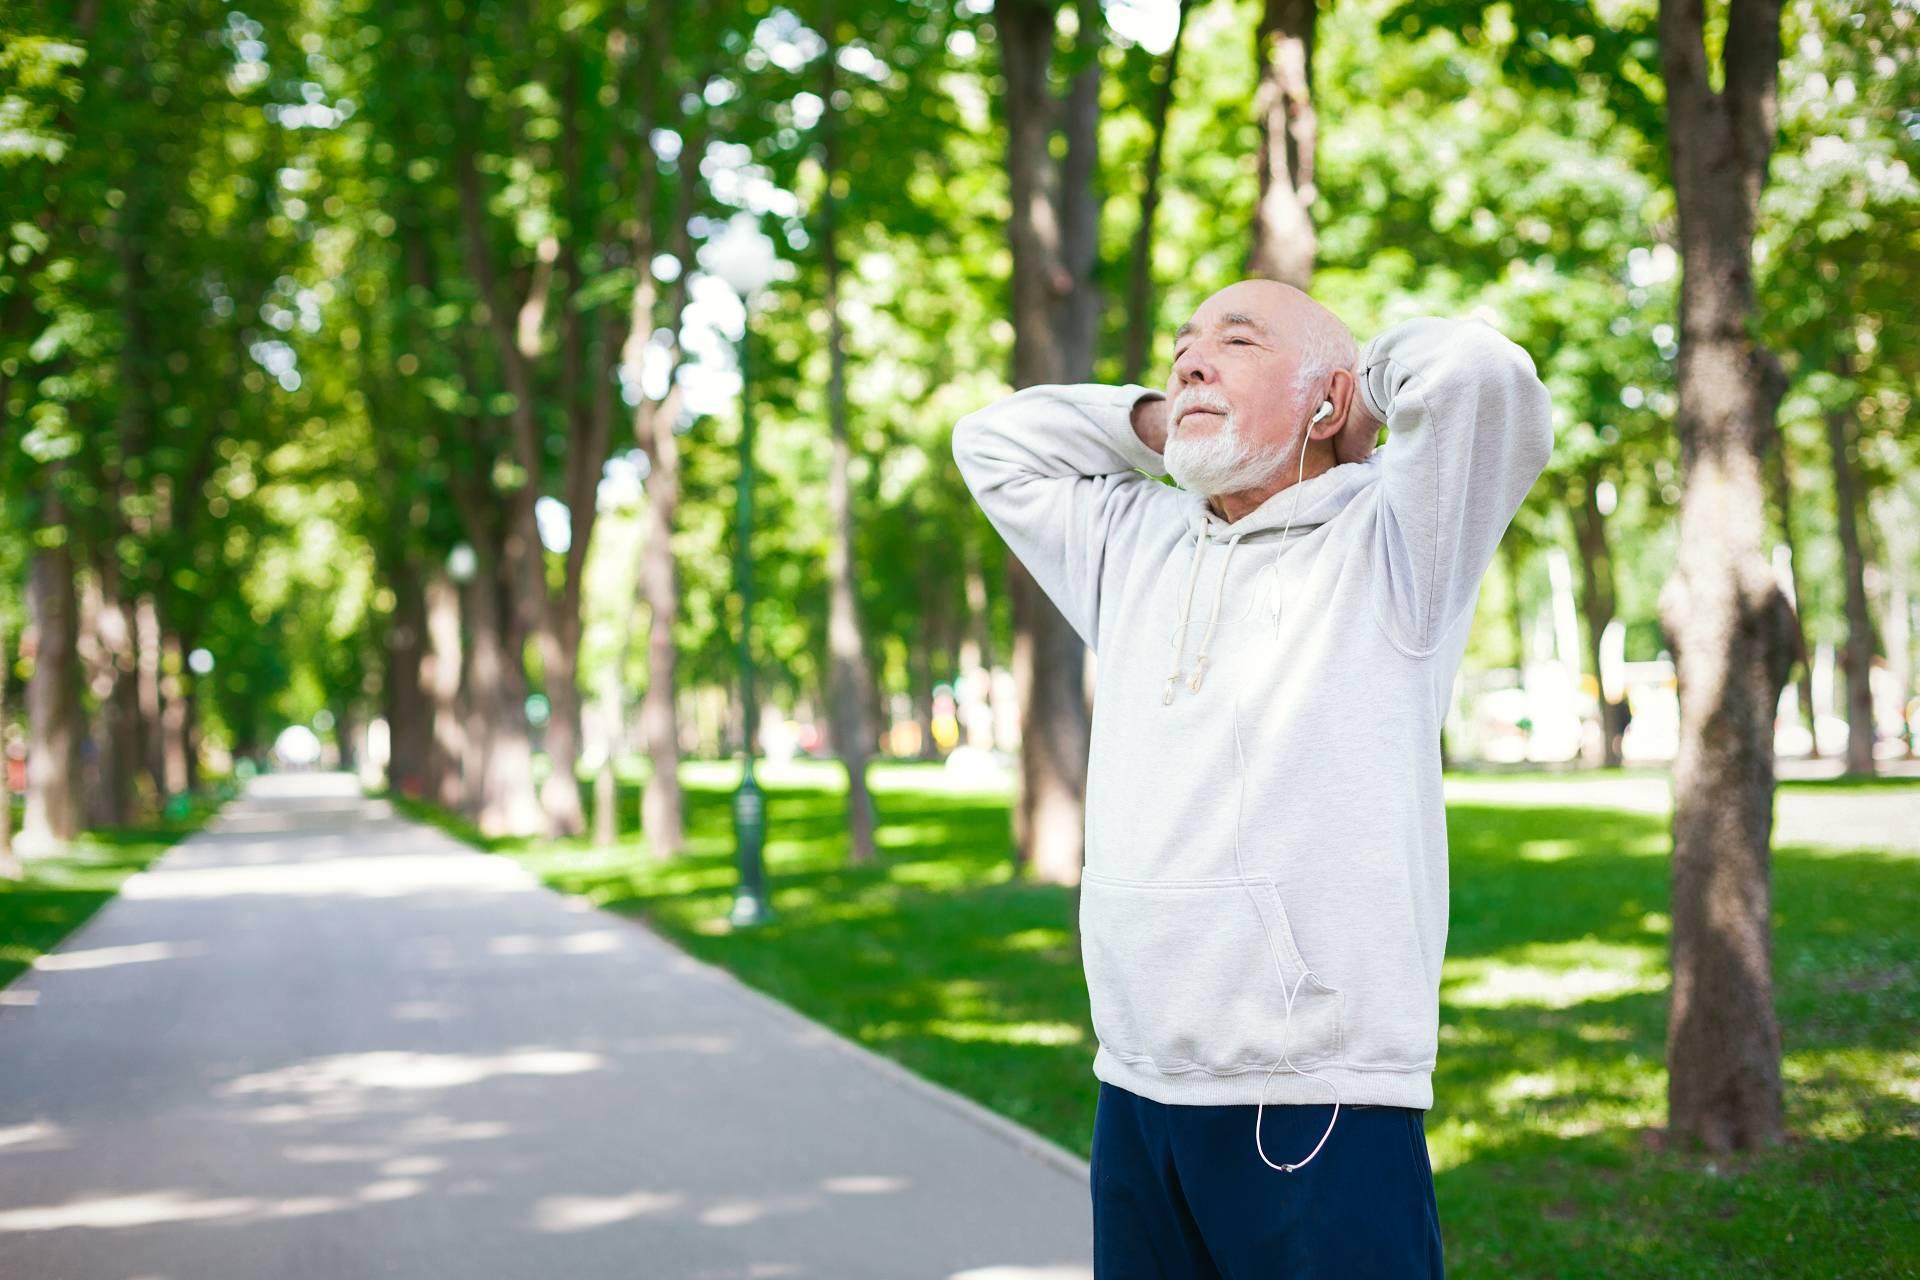 Wieso wir mit zunehmendem Alter immer dicker werden (und was du dagegen tun kannst)